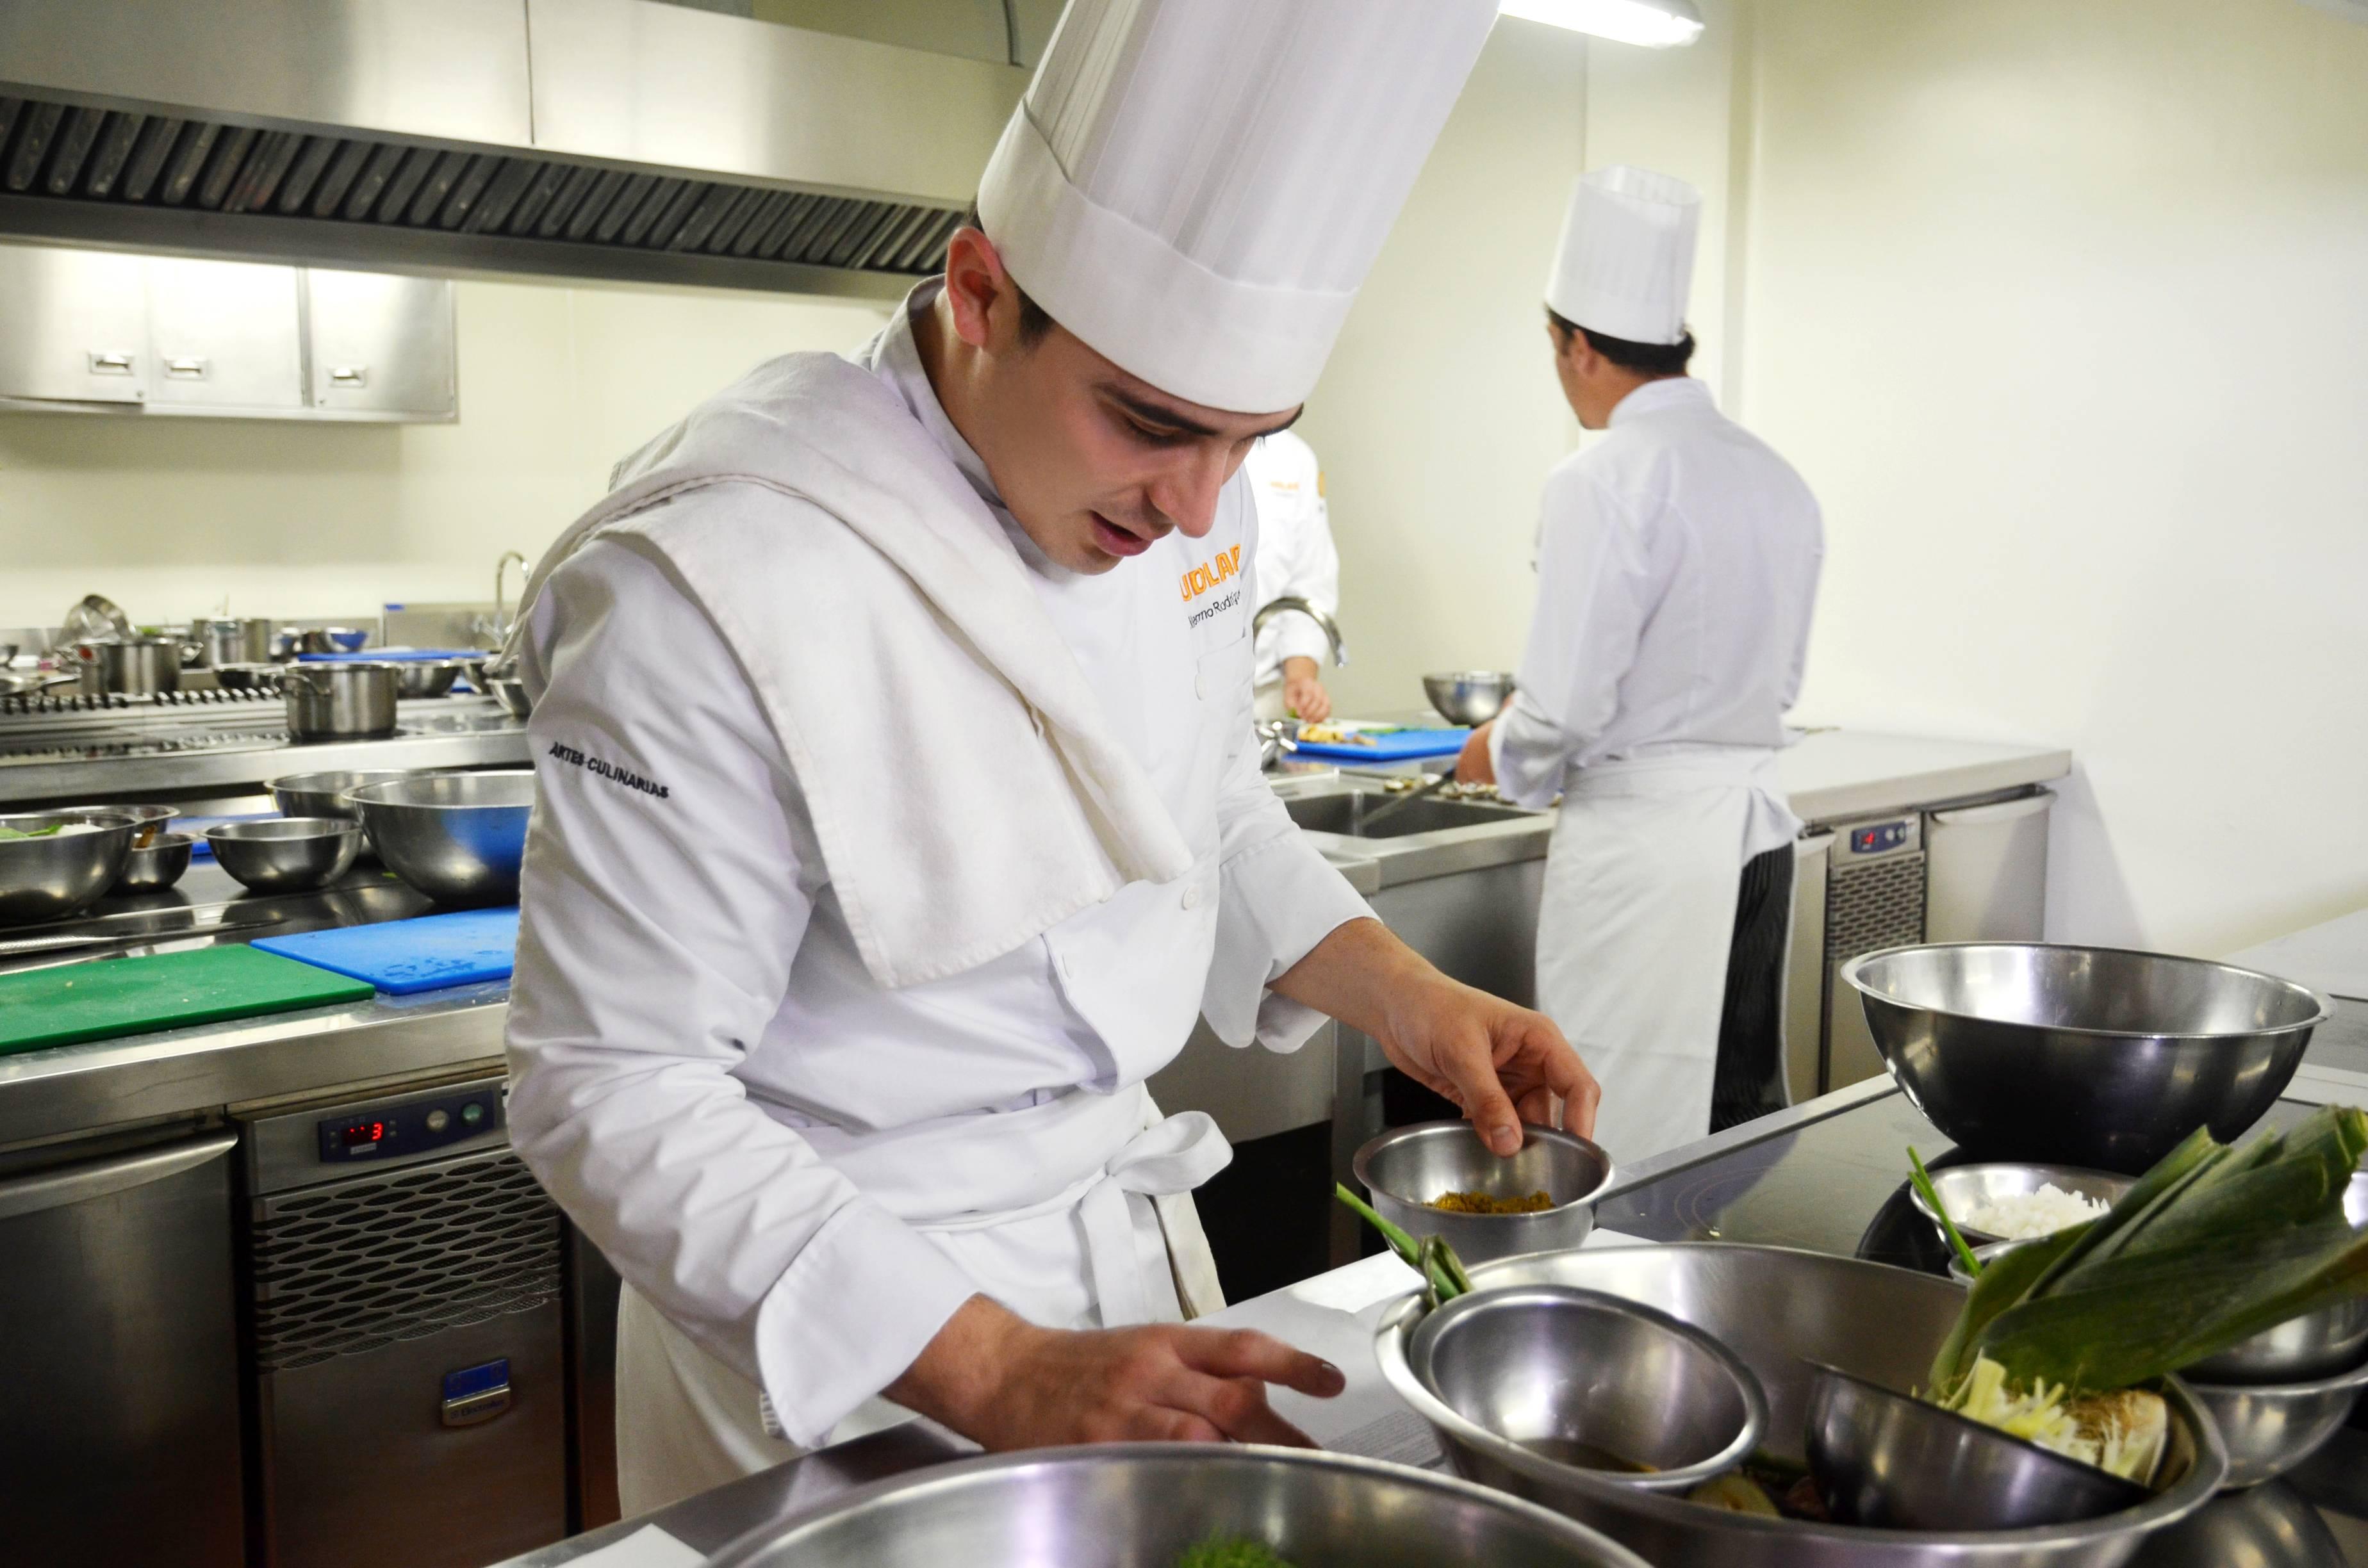 Küchenhilfe Hilfskoch Schübel Auer Gastro News wien